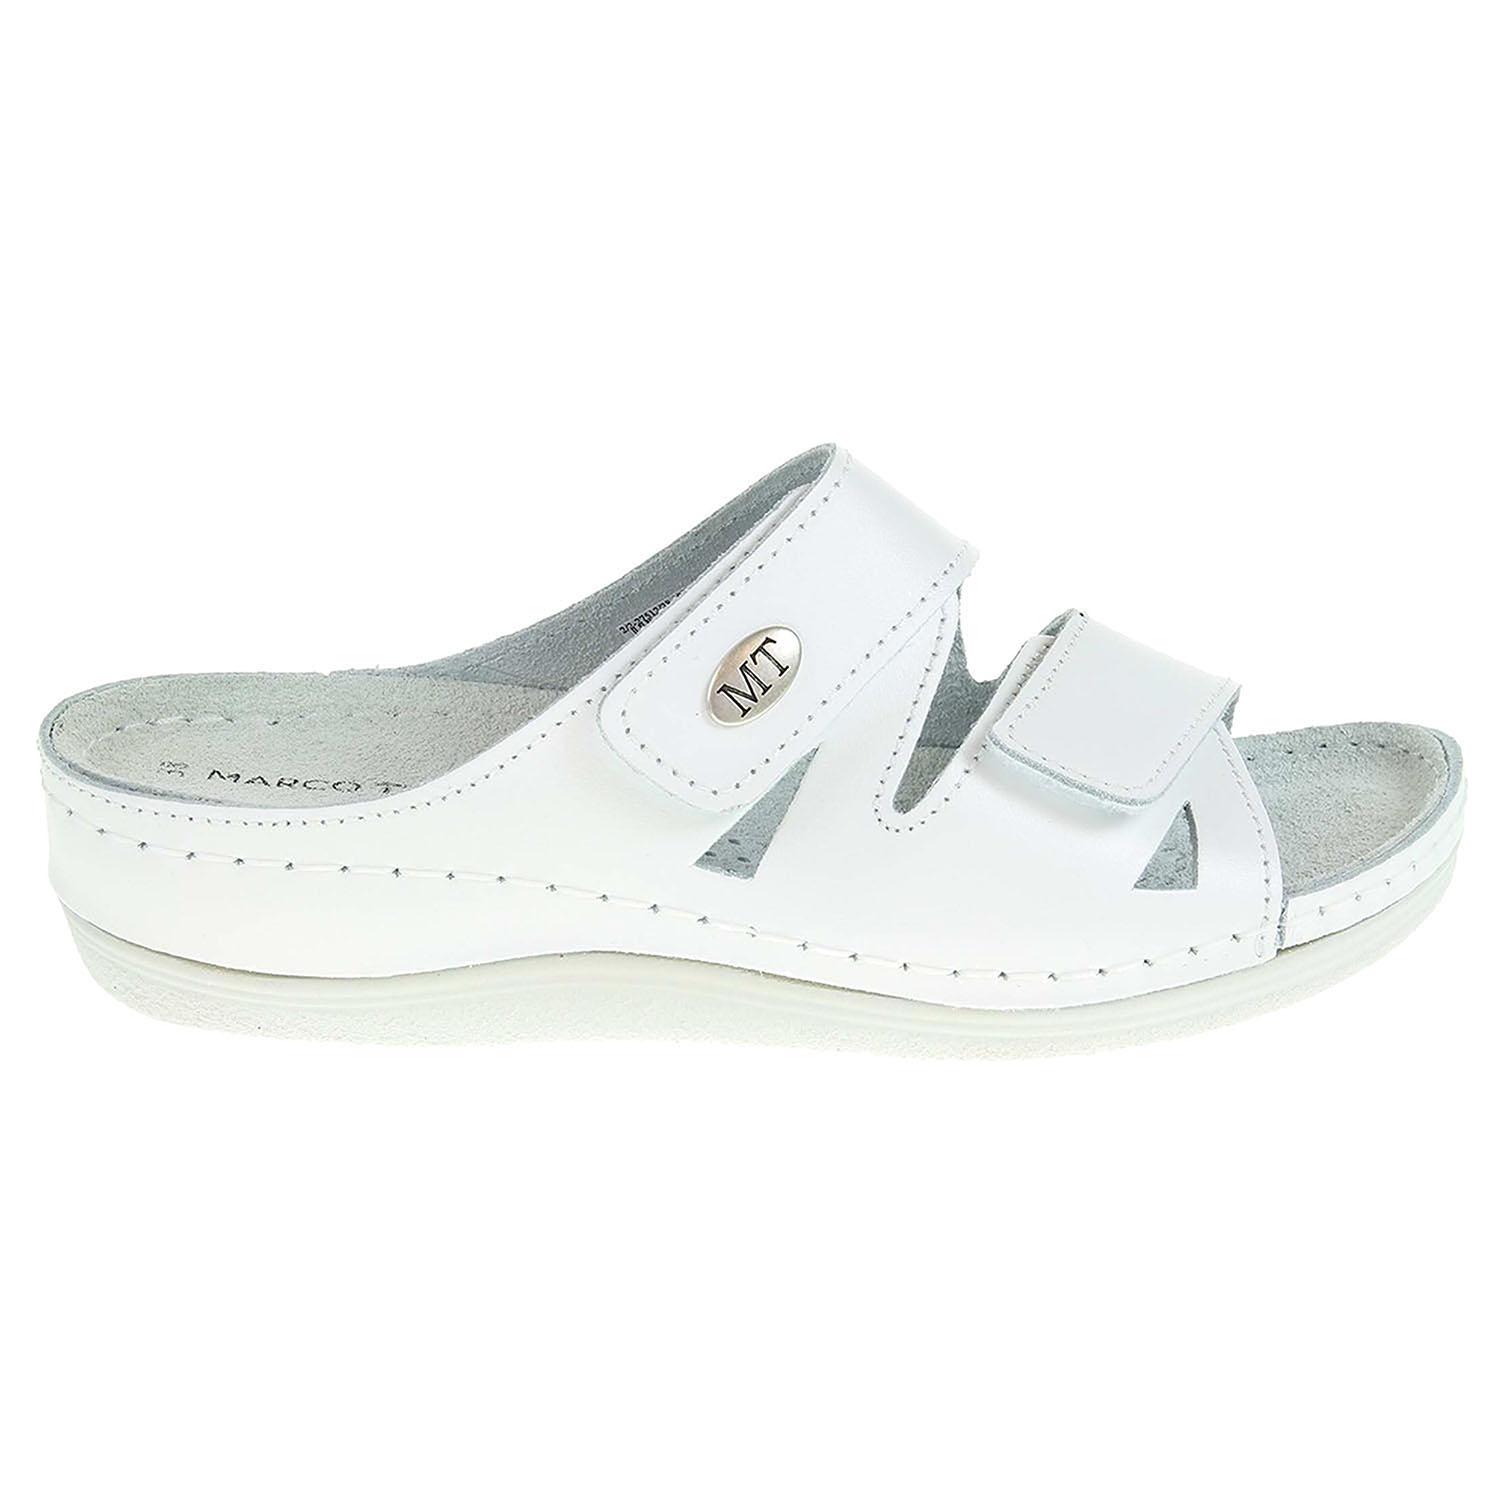 Ecco Marco Tozzi dámské pantofle 2-27512-20 white 23400307